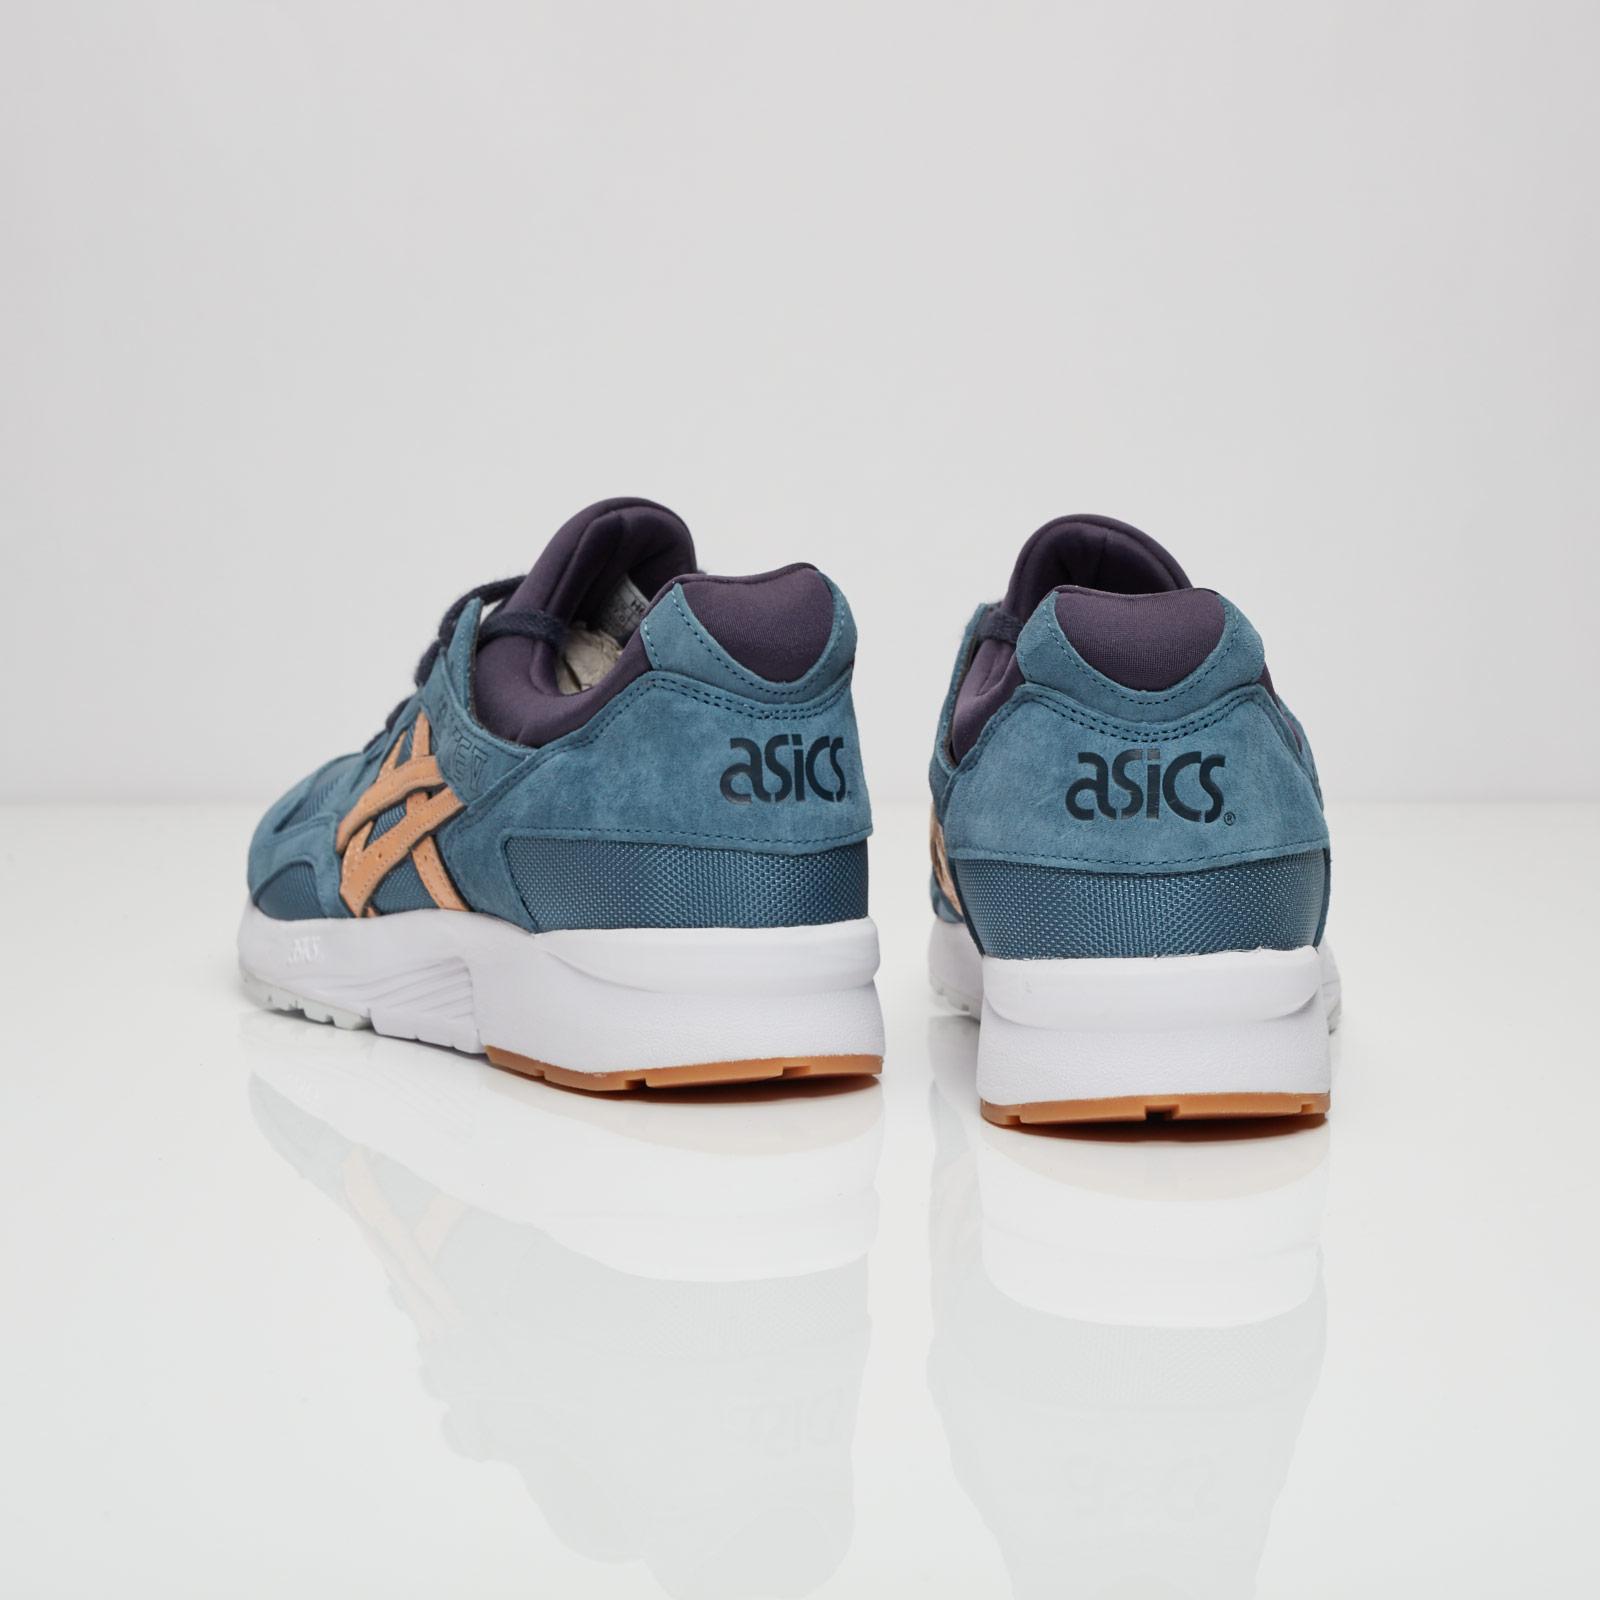 finest selection 8ca55 0c4a3 ASICS Tiger Gel-Lyte V - H6q3n-4605 - Sneakersnstuff ...